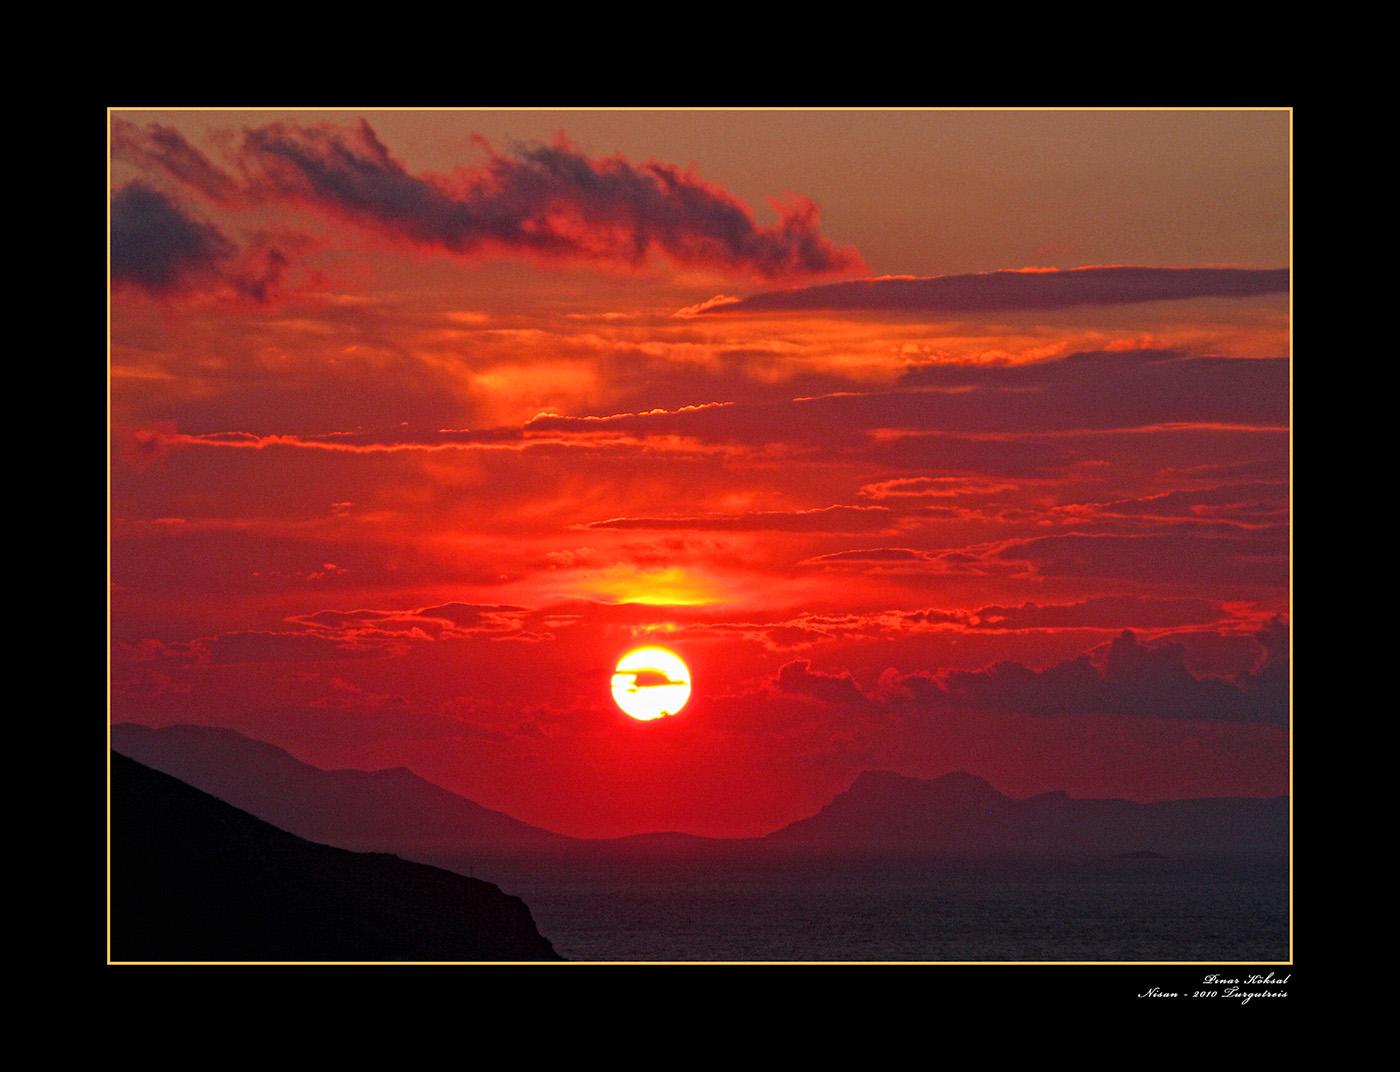 Güneşin Doğuşu, Batışı Sensin, Turgutreis, Bodrum, Nisan 2010